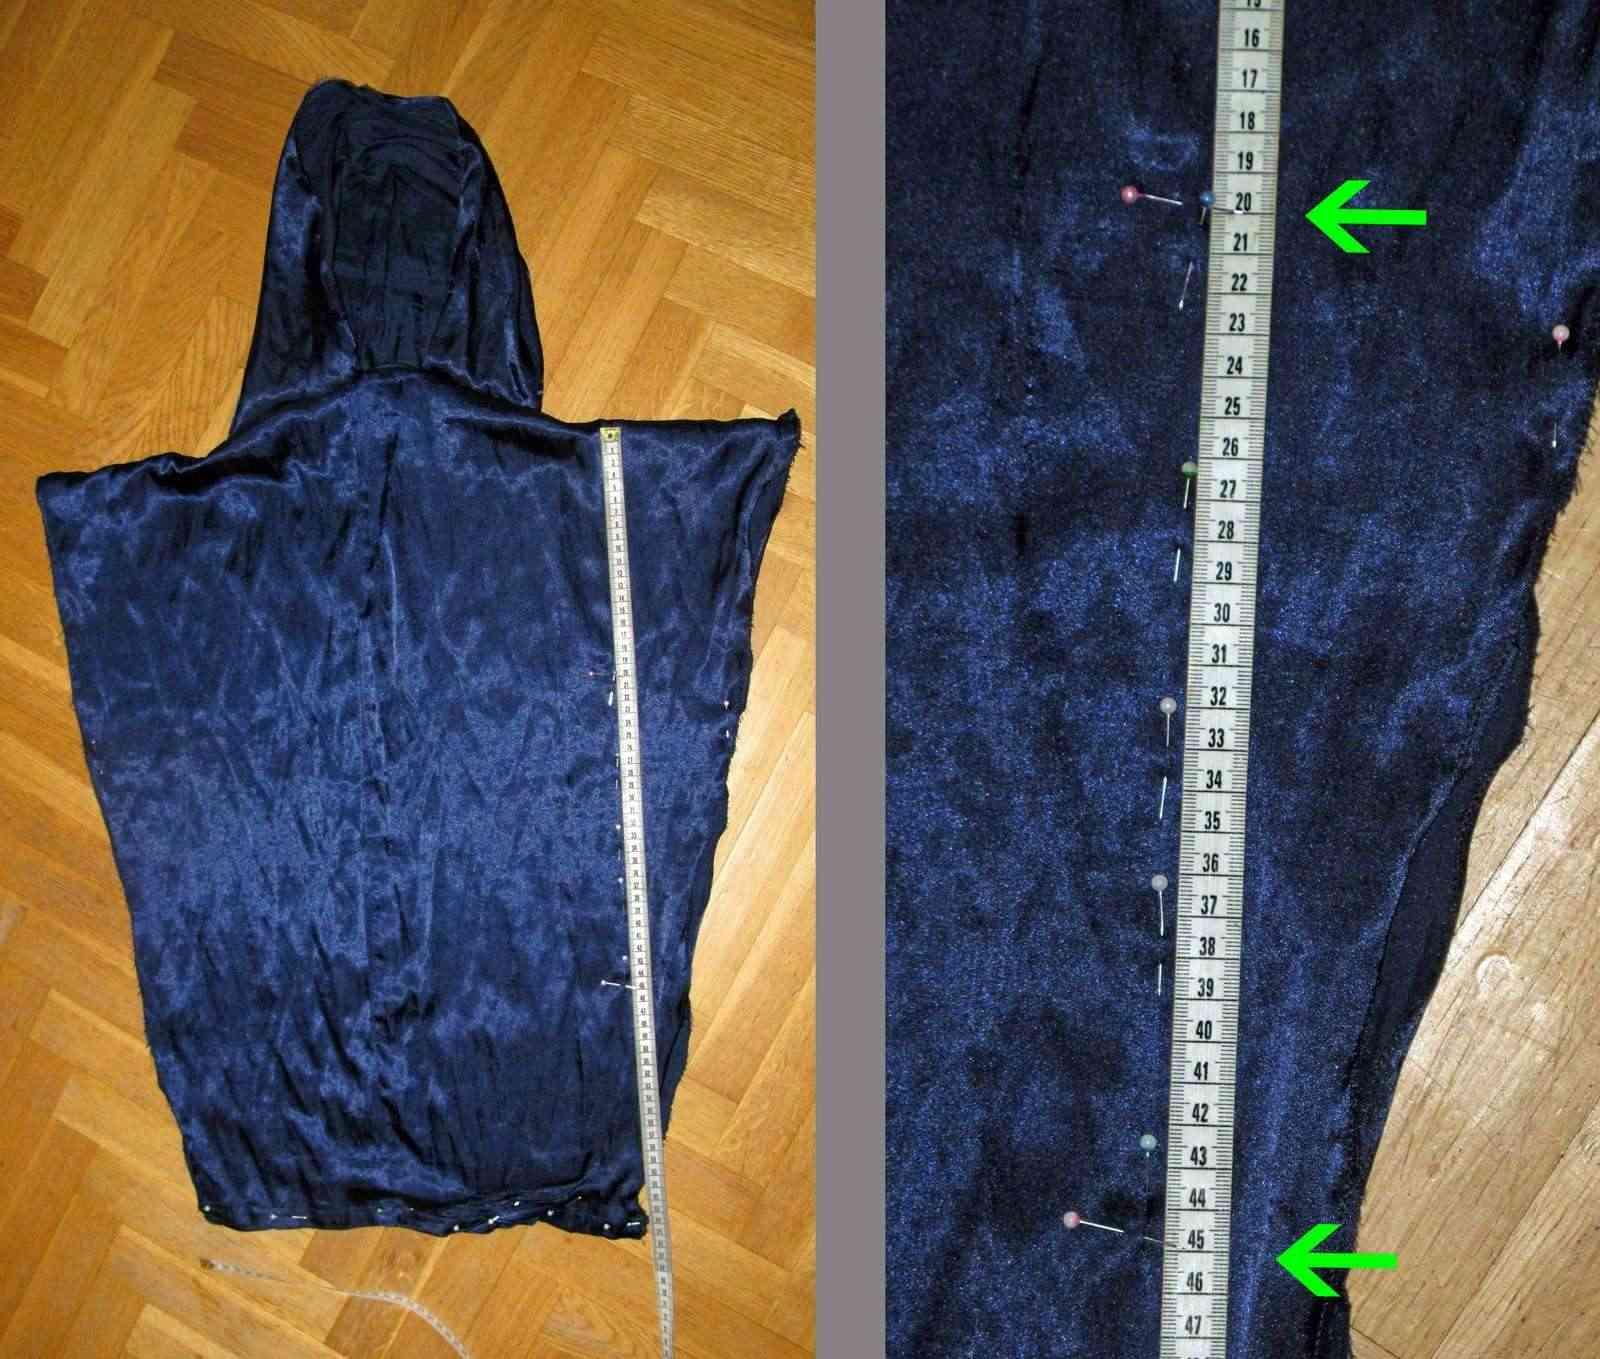 http://i41.servimg.com/u/f41/09/01/63/29/bbou0910.jpg